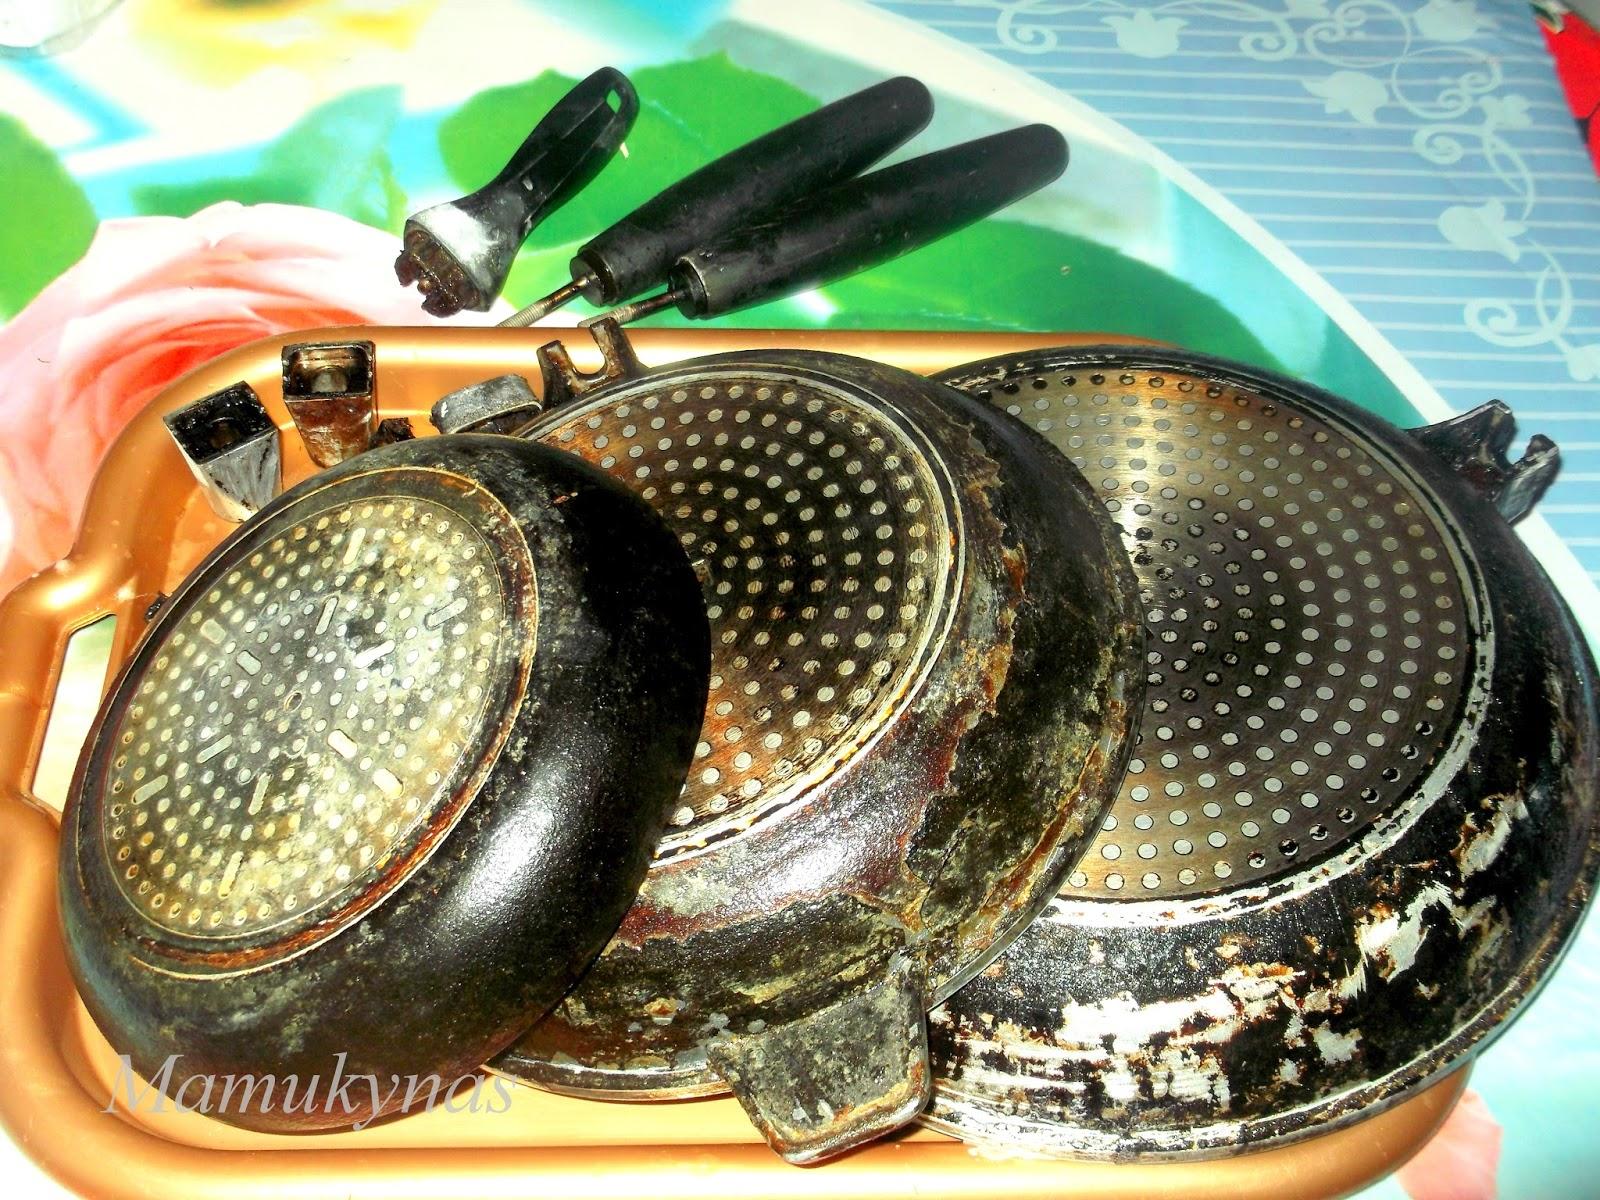 Uogienė iš keptuvės dugno. Jei sudeginta emaliuota keptuvė